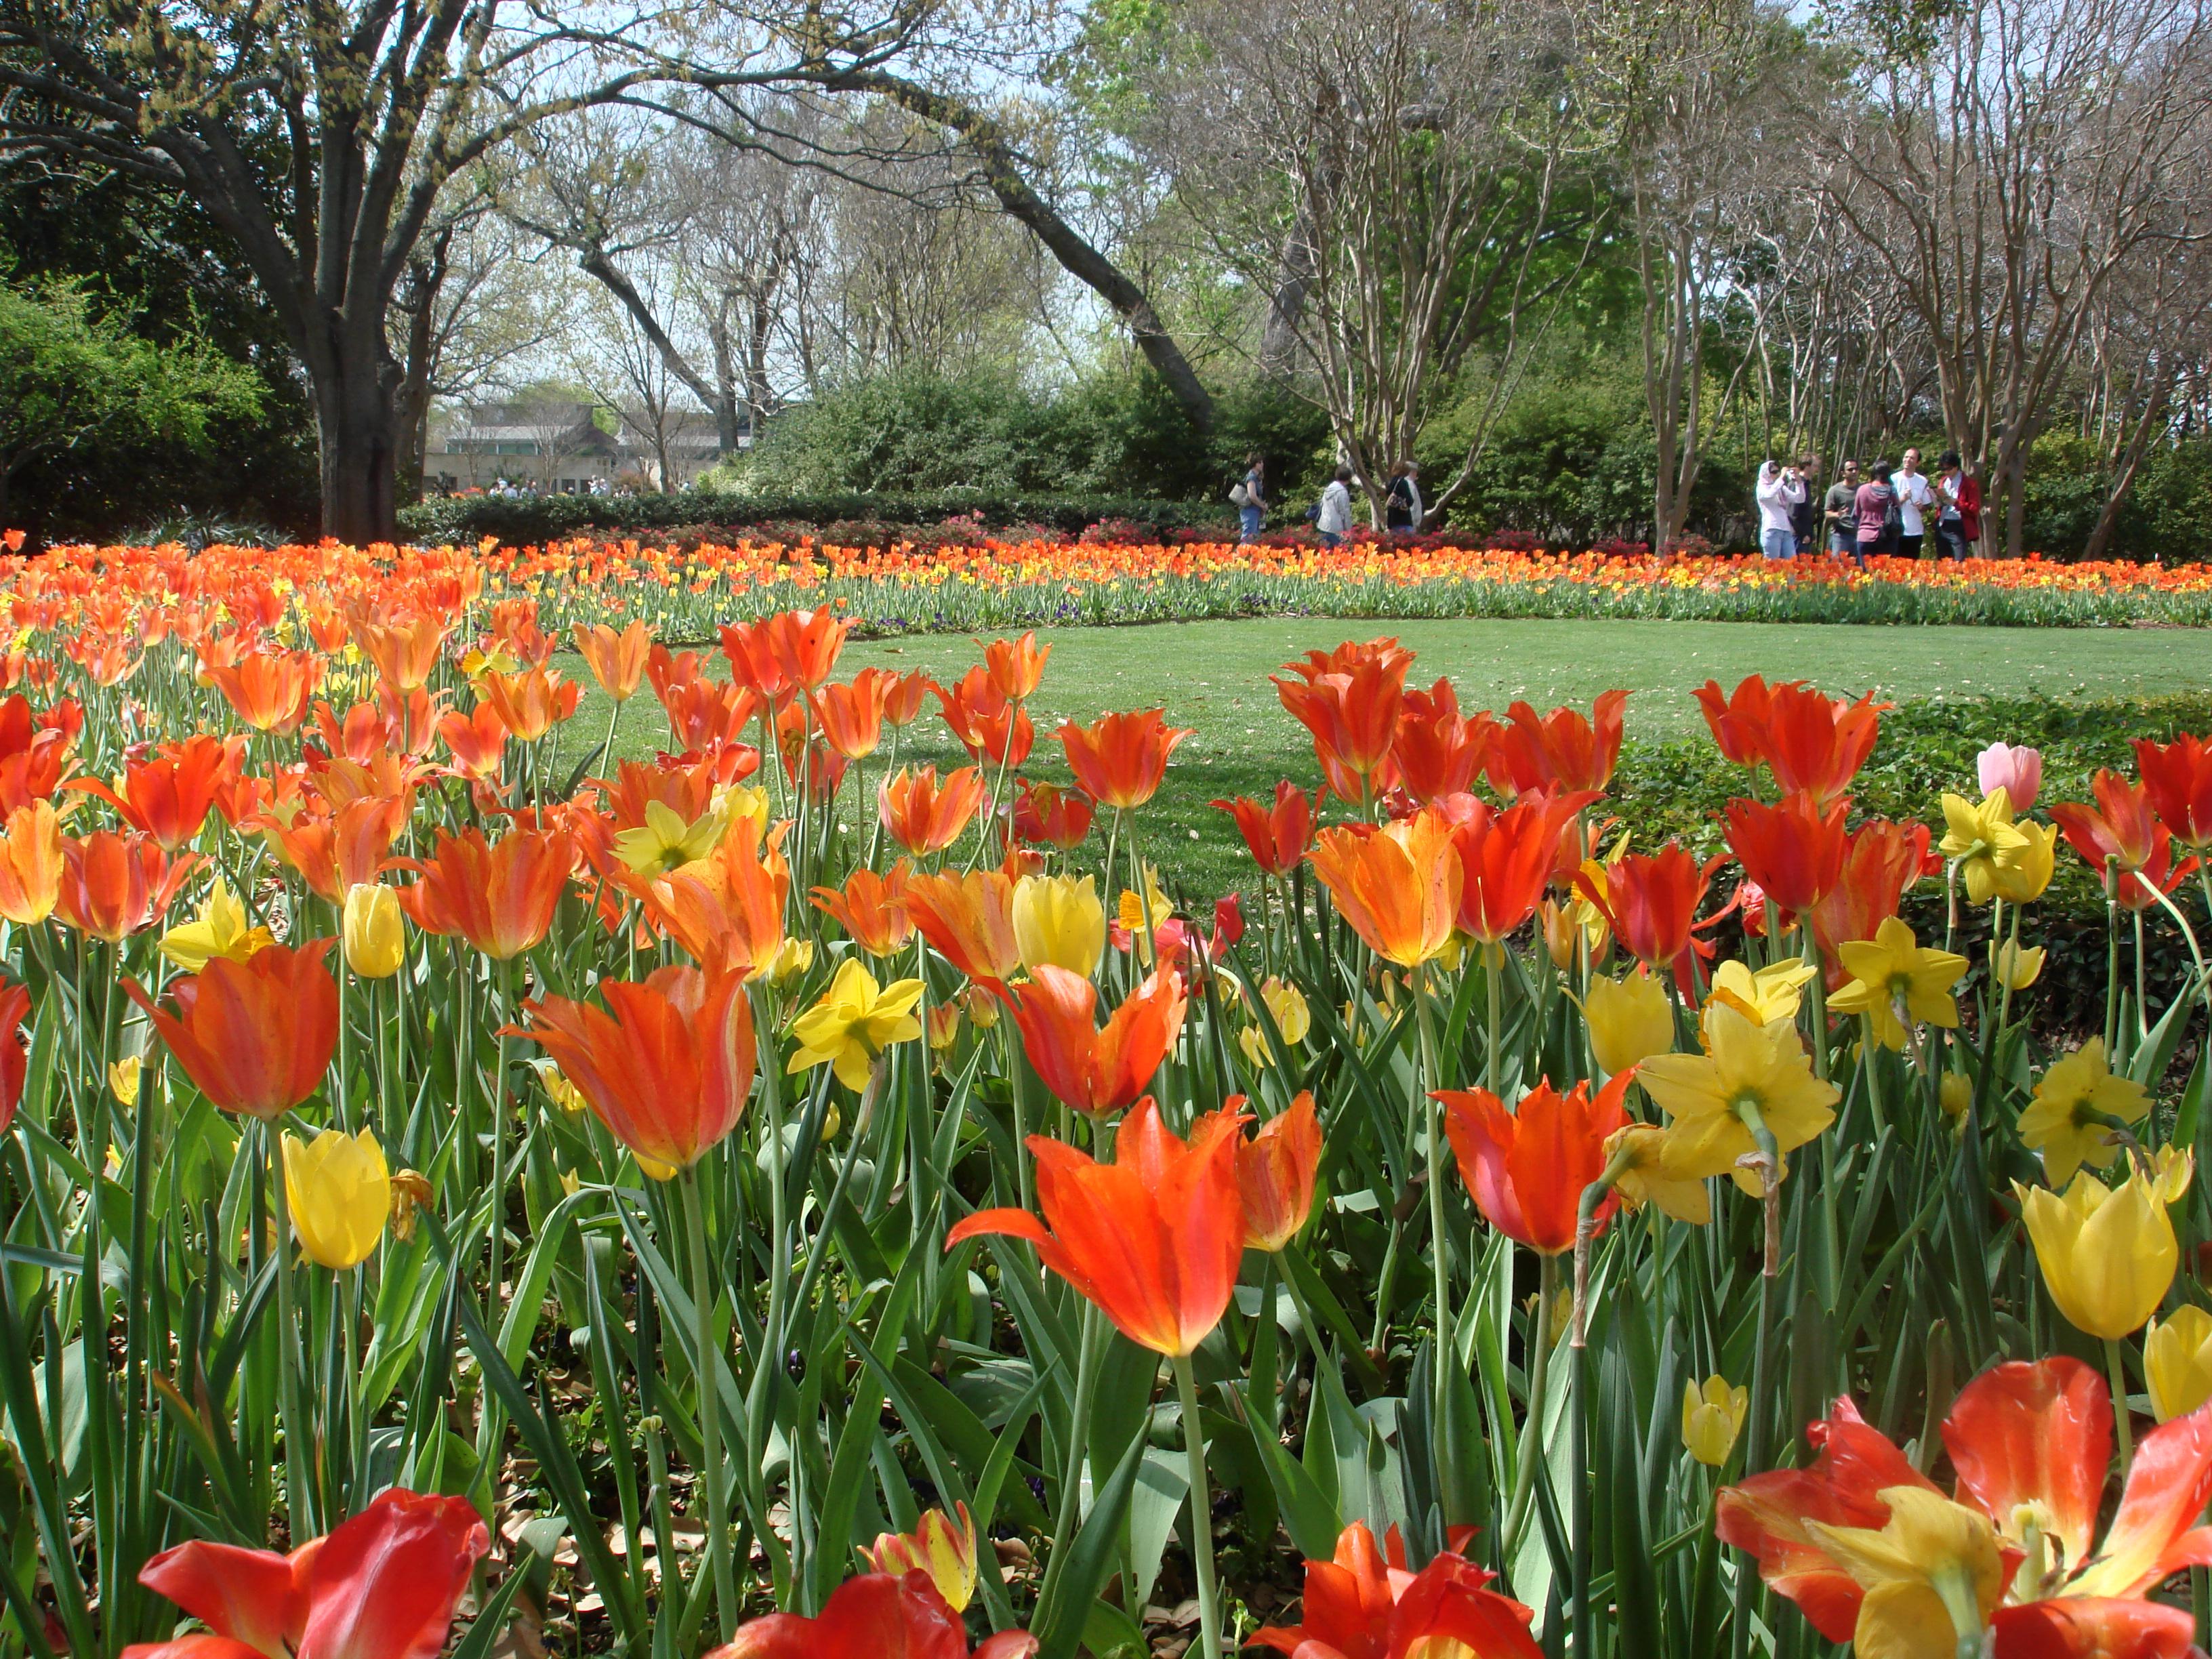 Arboretum fav tulips